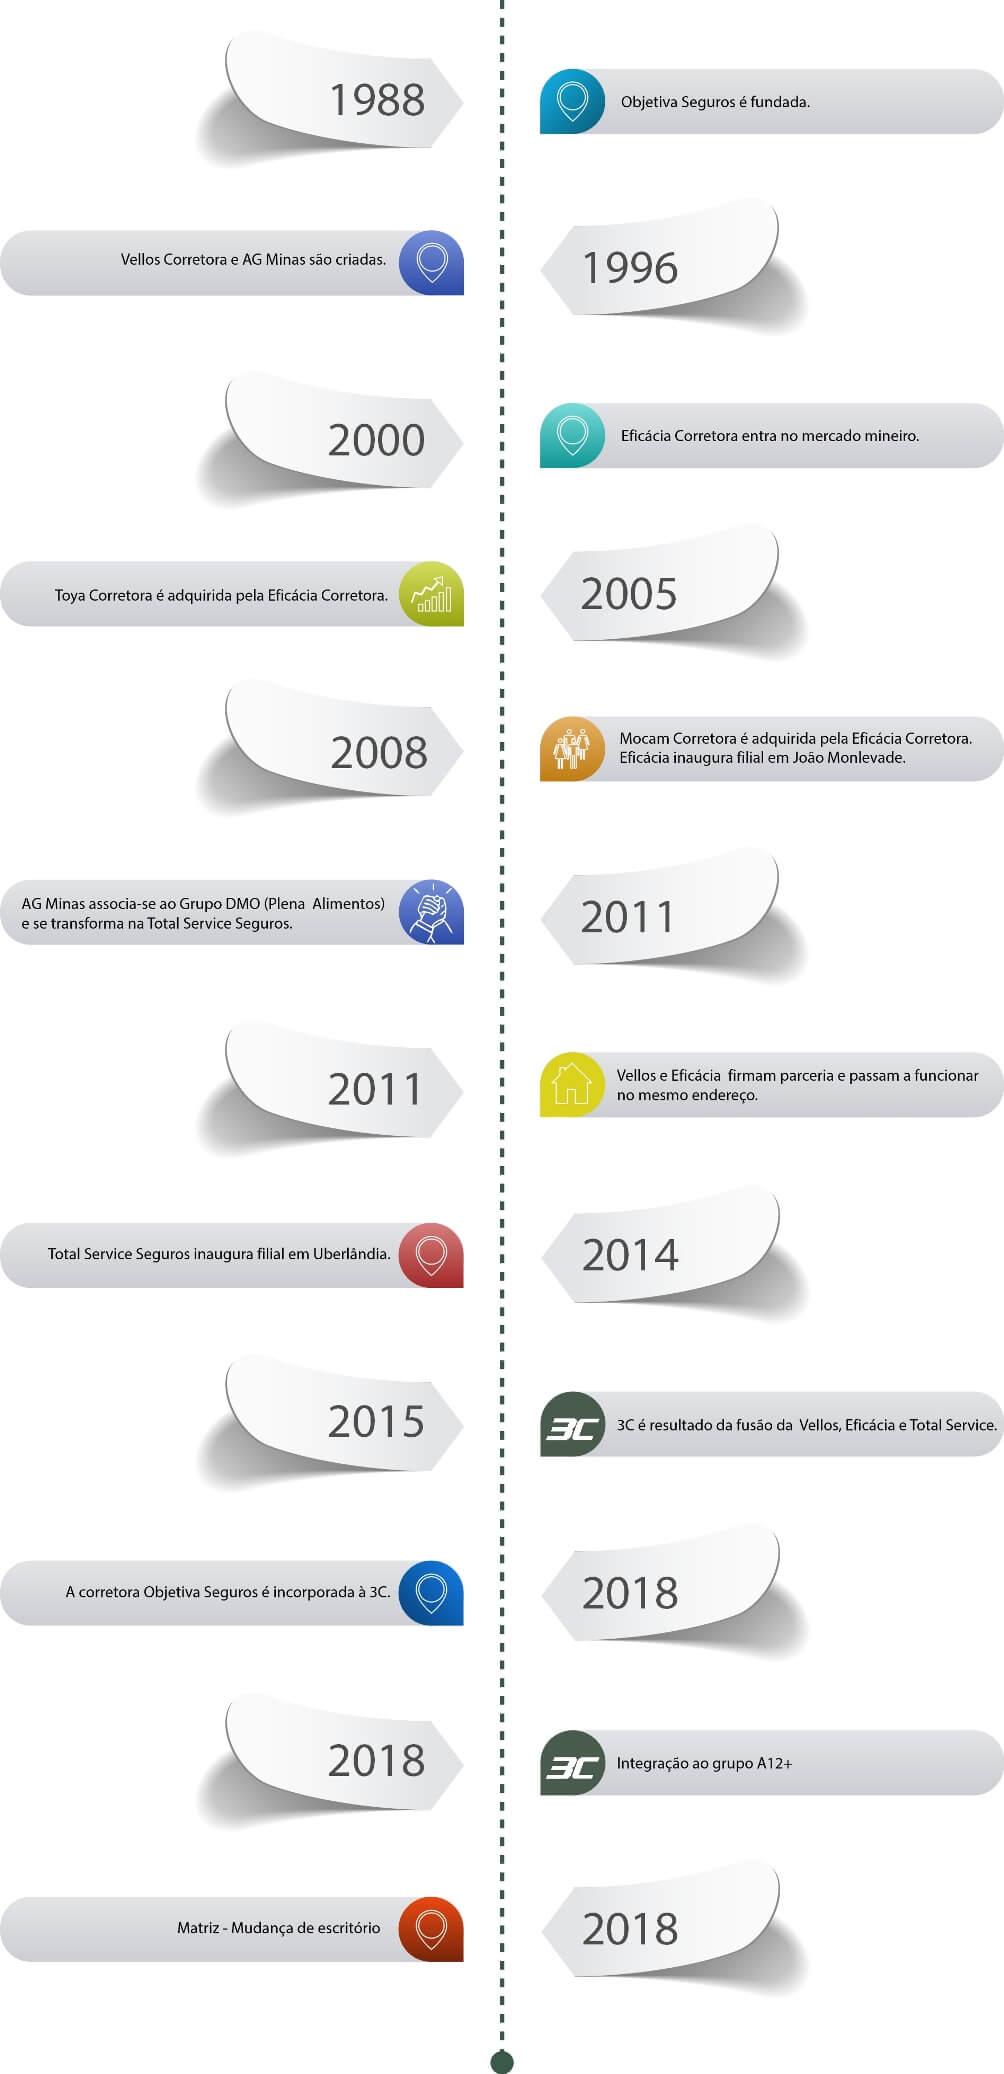 timeline-v3